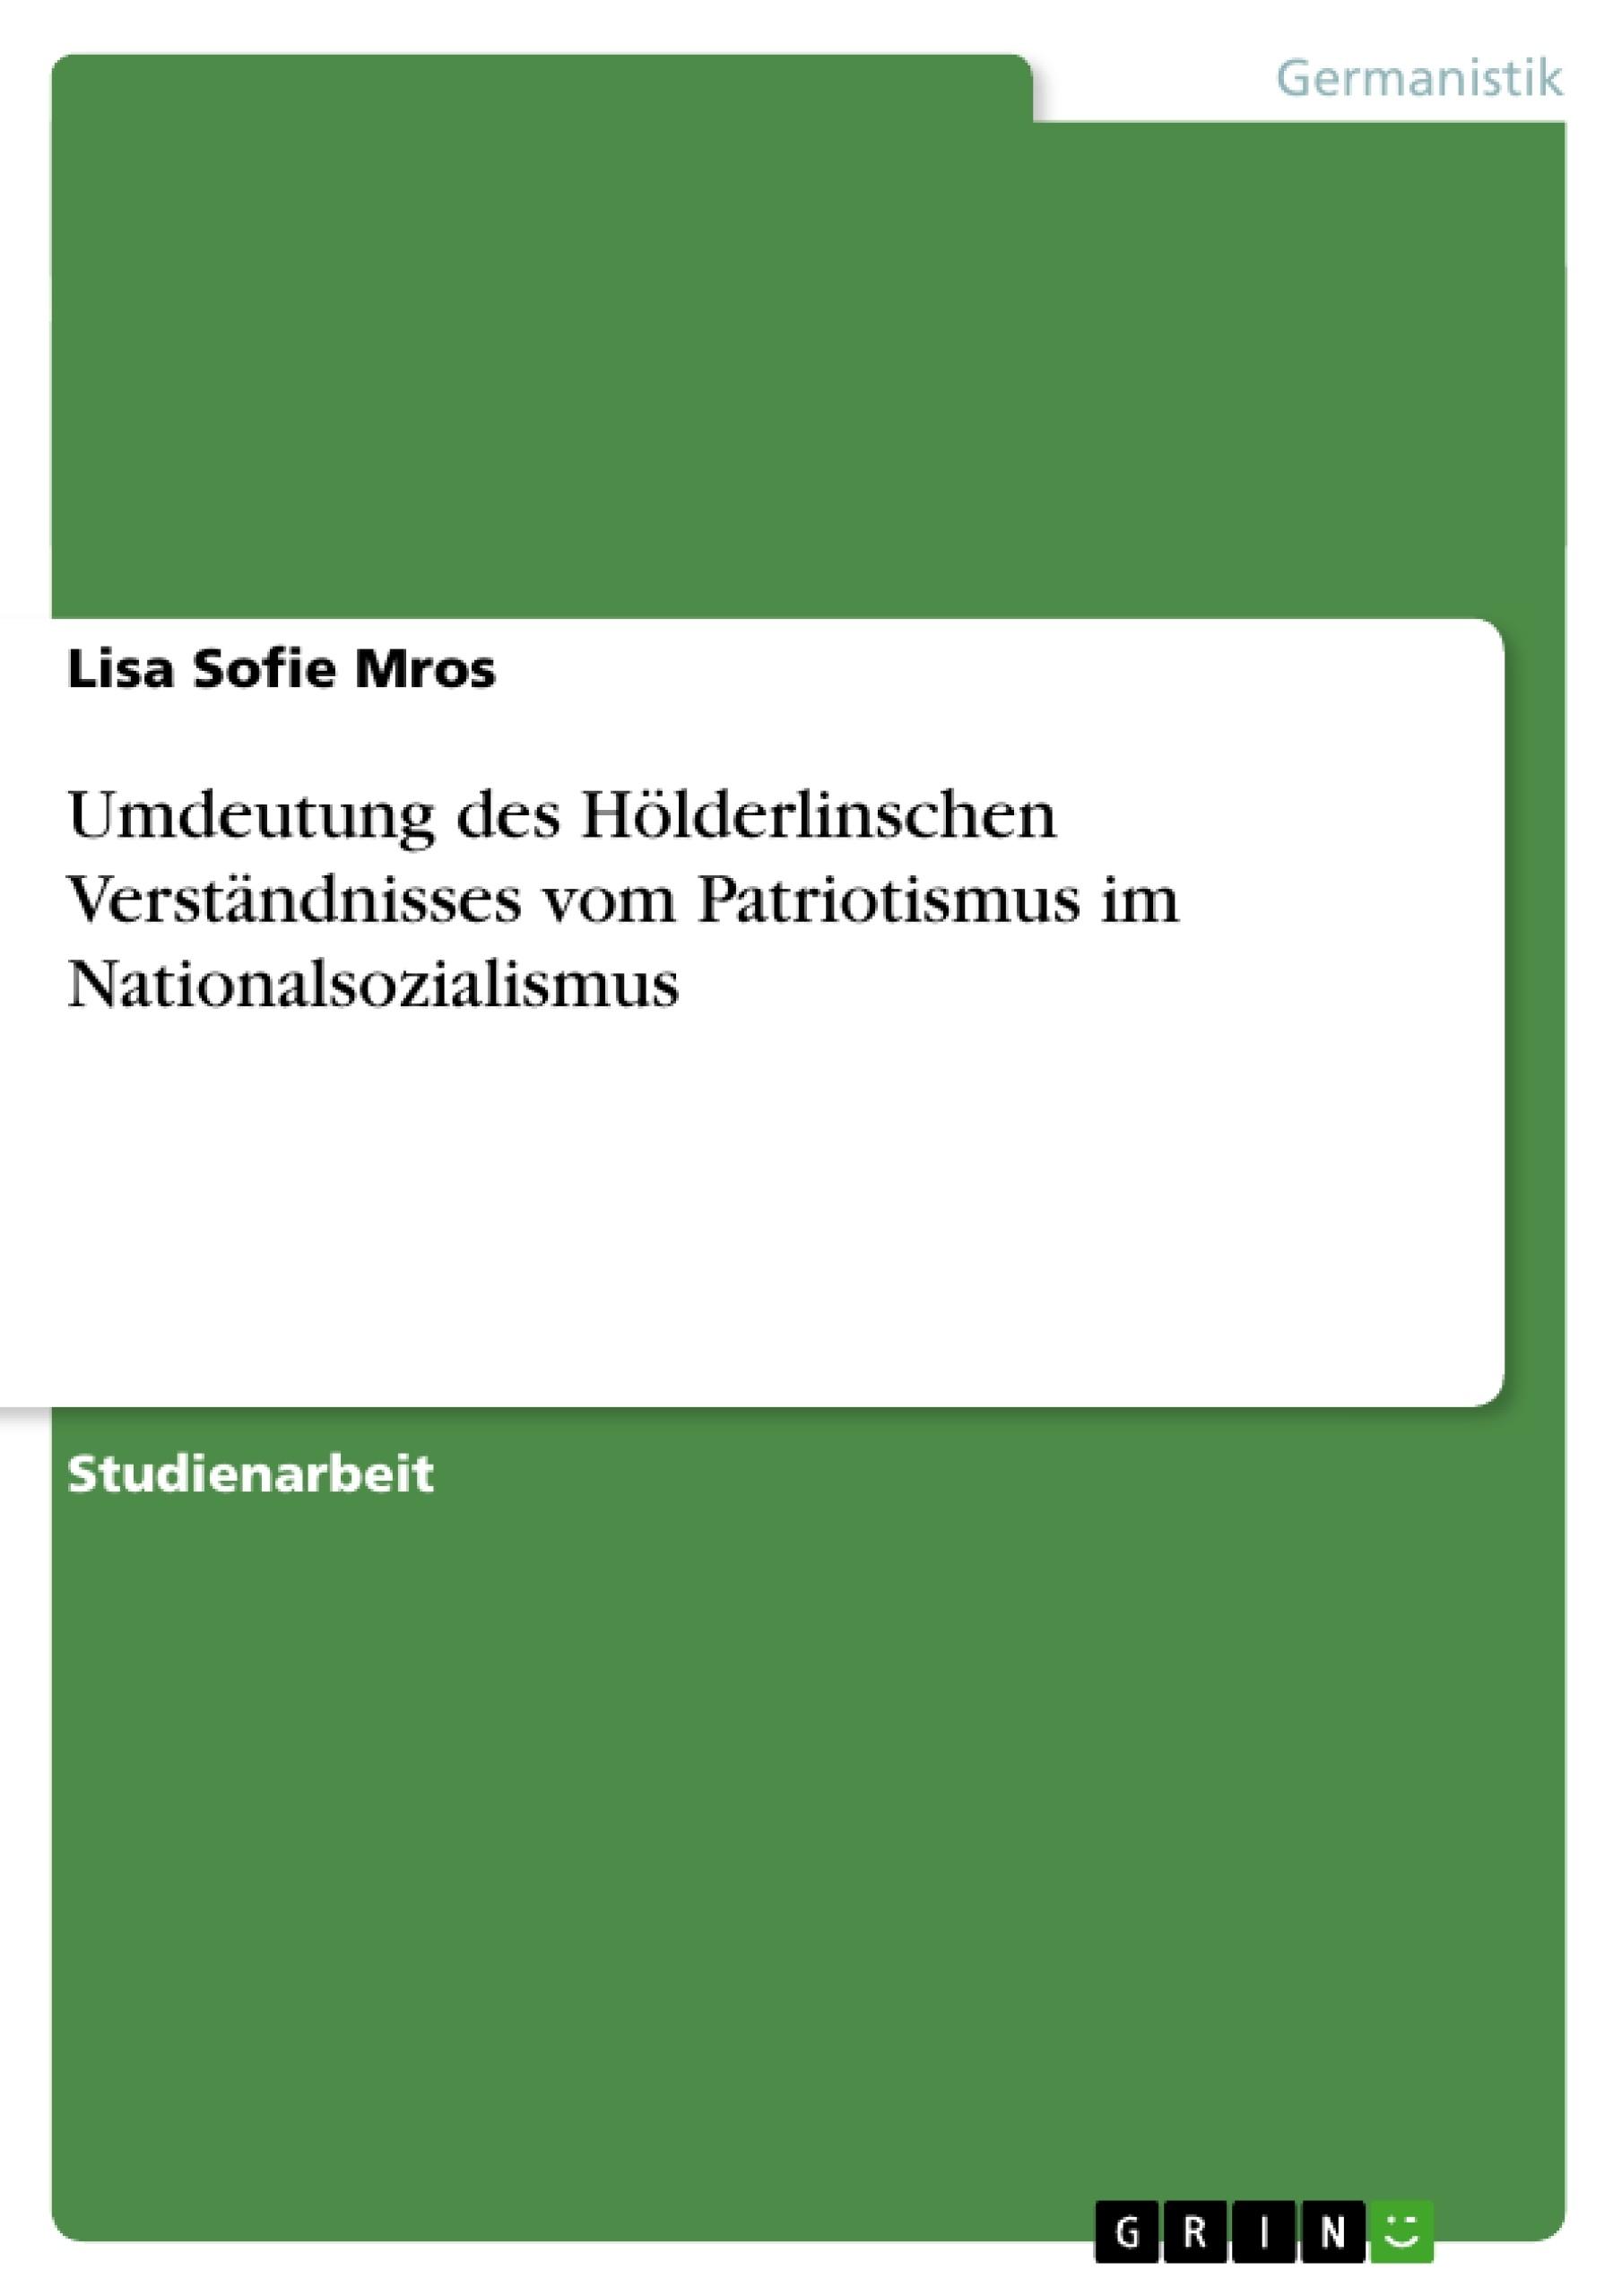 Titel: Umdeutung des Hölderlinschen Verständnisses vom Patriotismus im Nationalsozialismus